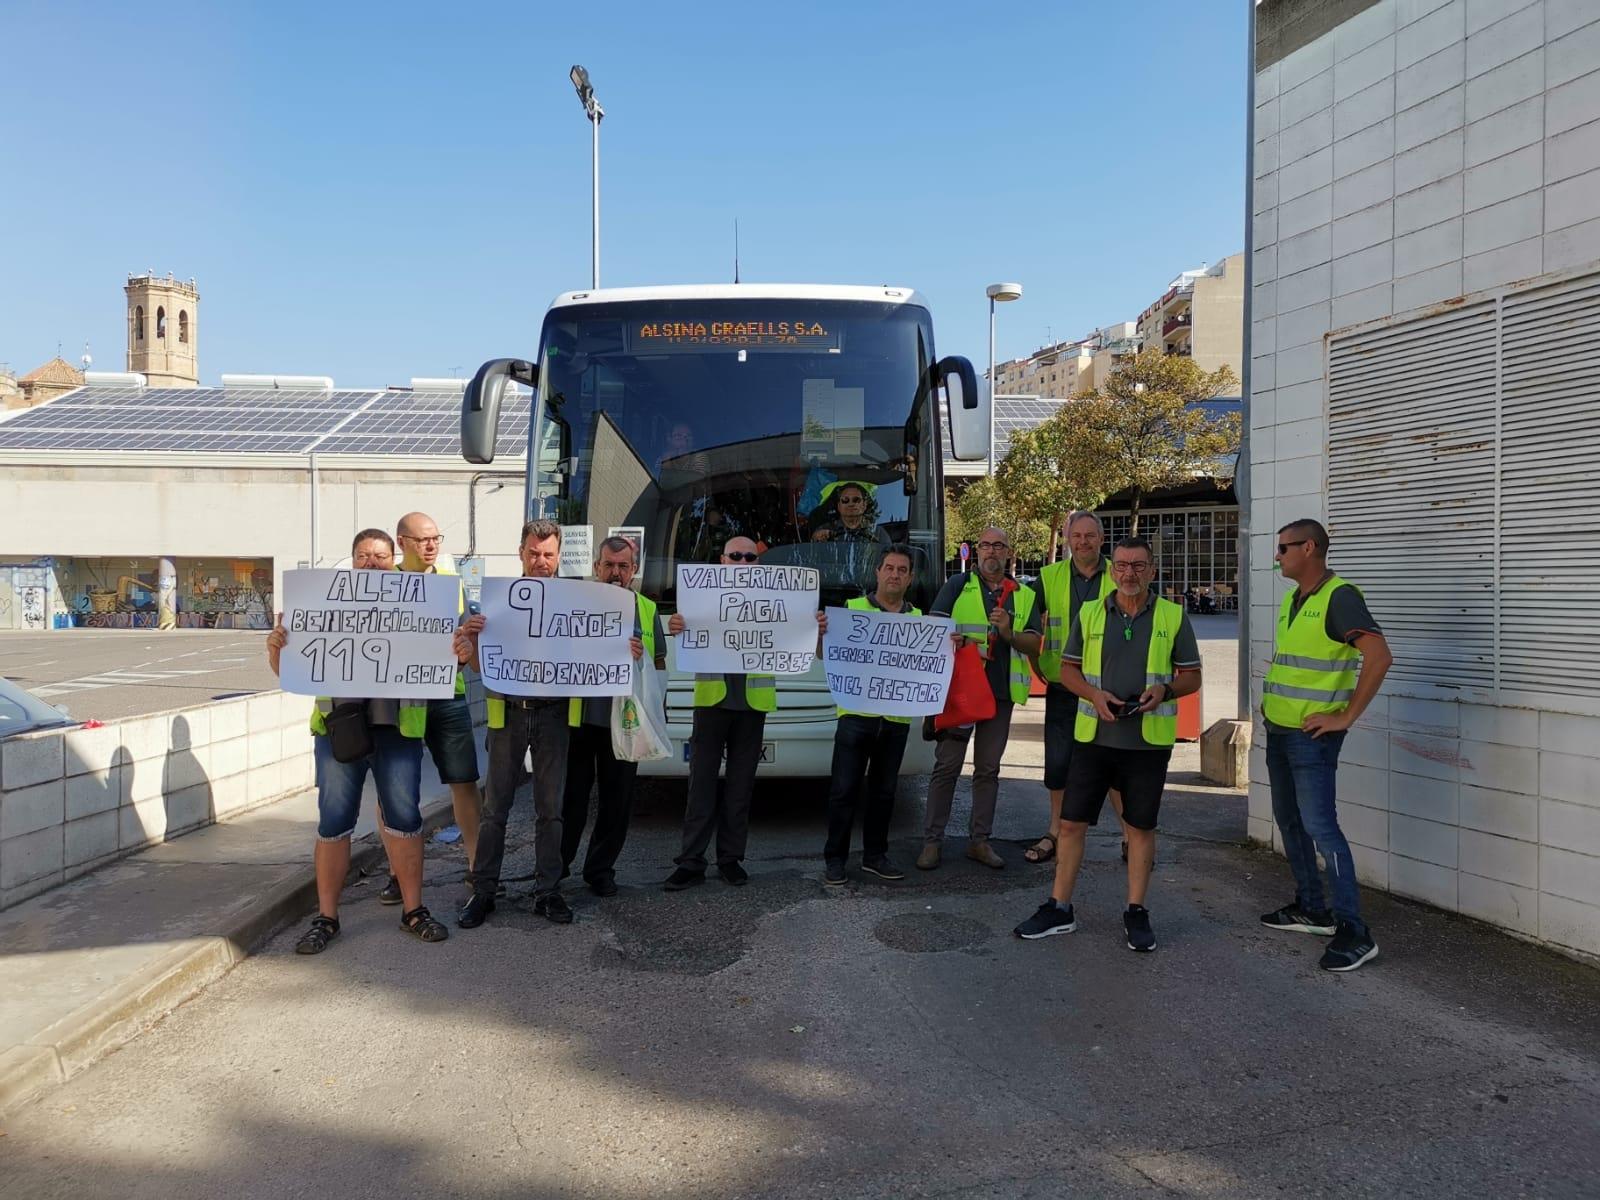 Protesta a Tàrrega dels treballadors  de l'Alsina Graells